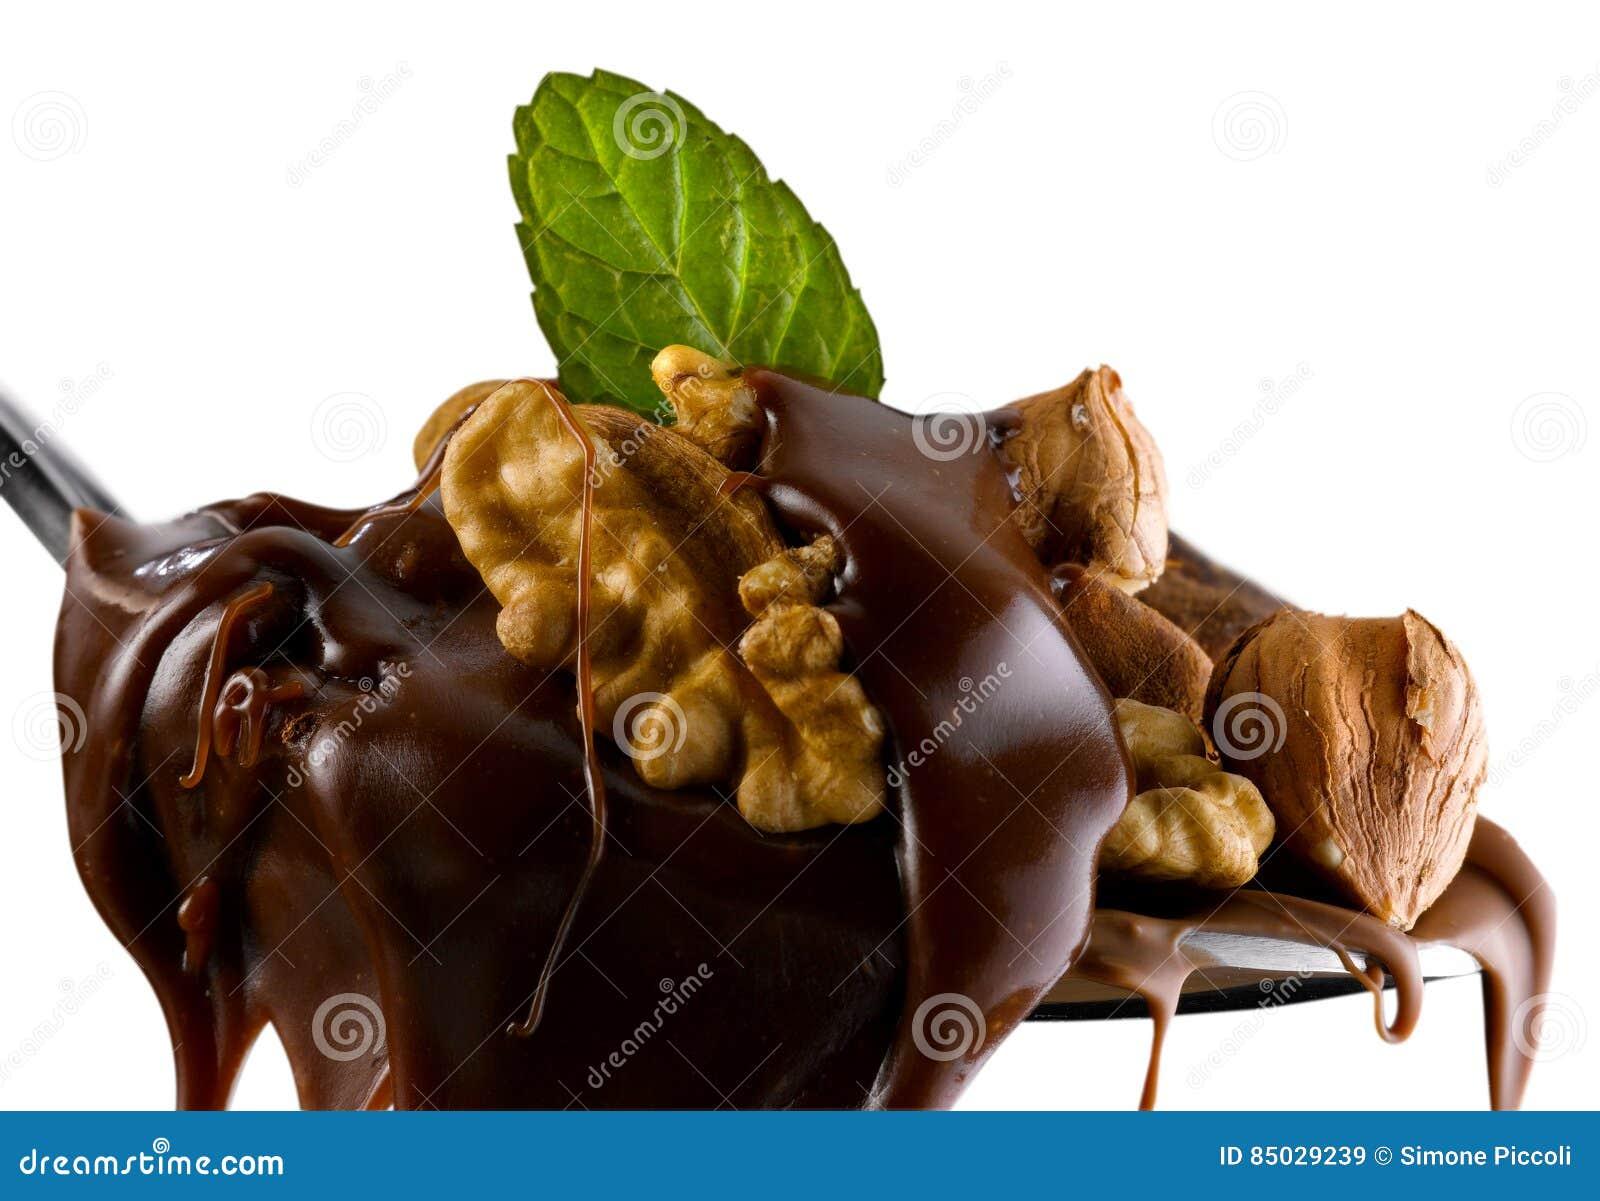 Mandelnüsse, -haselnüsse, -Trockenfrüchte und -schokolade